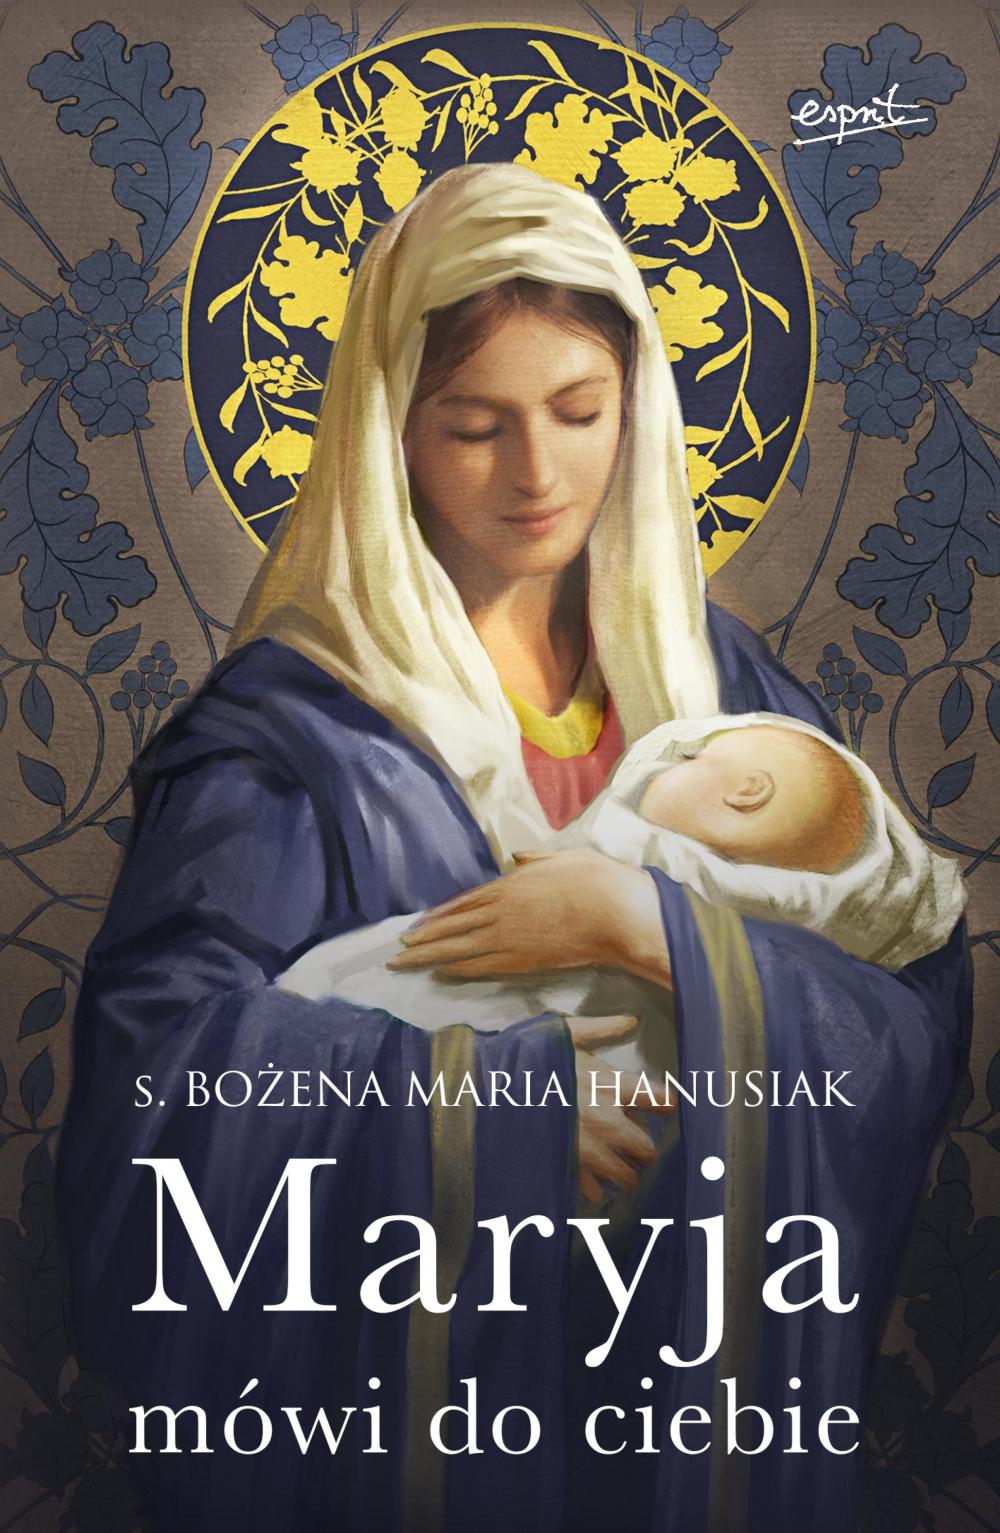 Maryja mówi do Ciebie